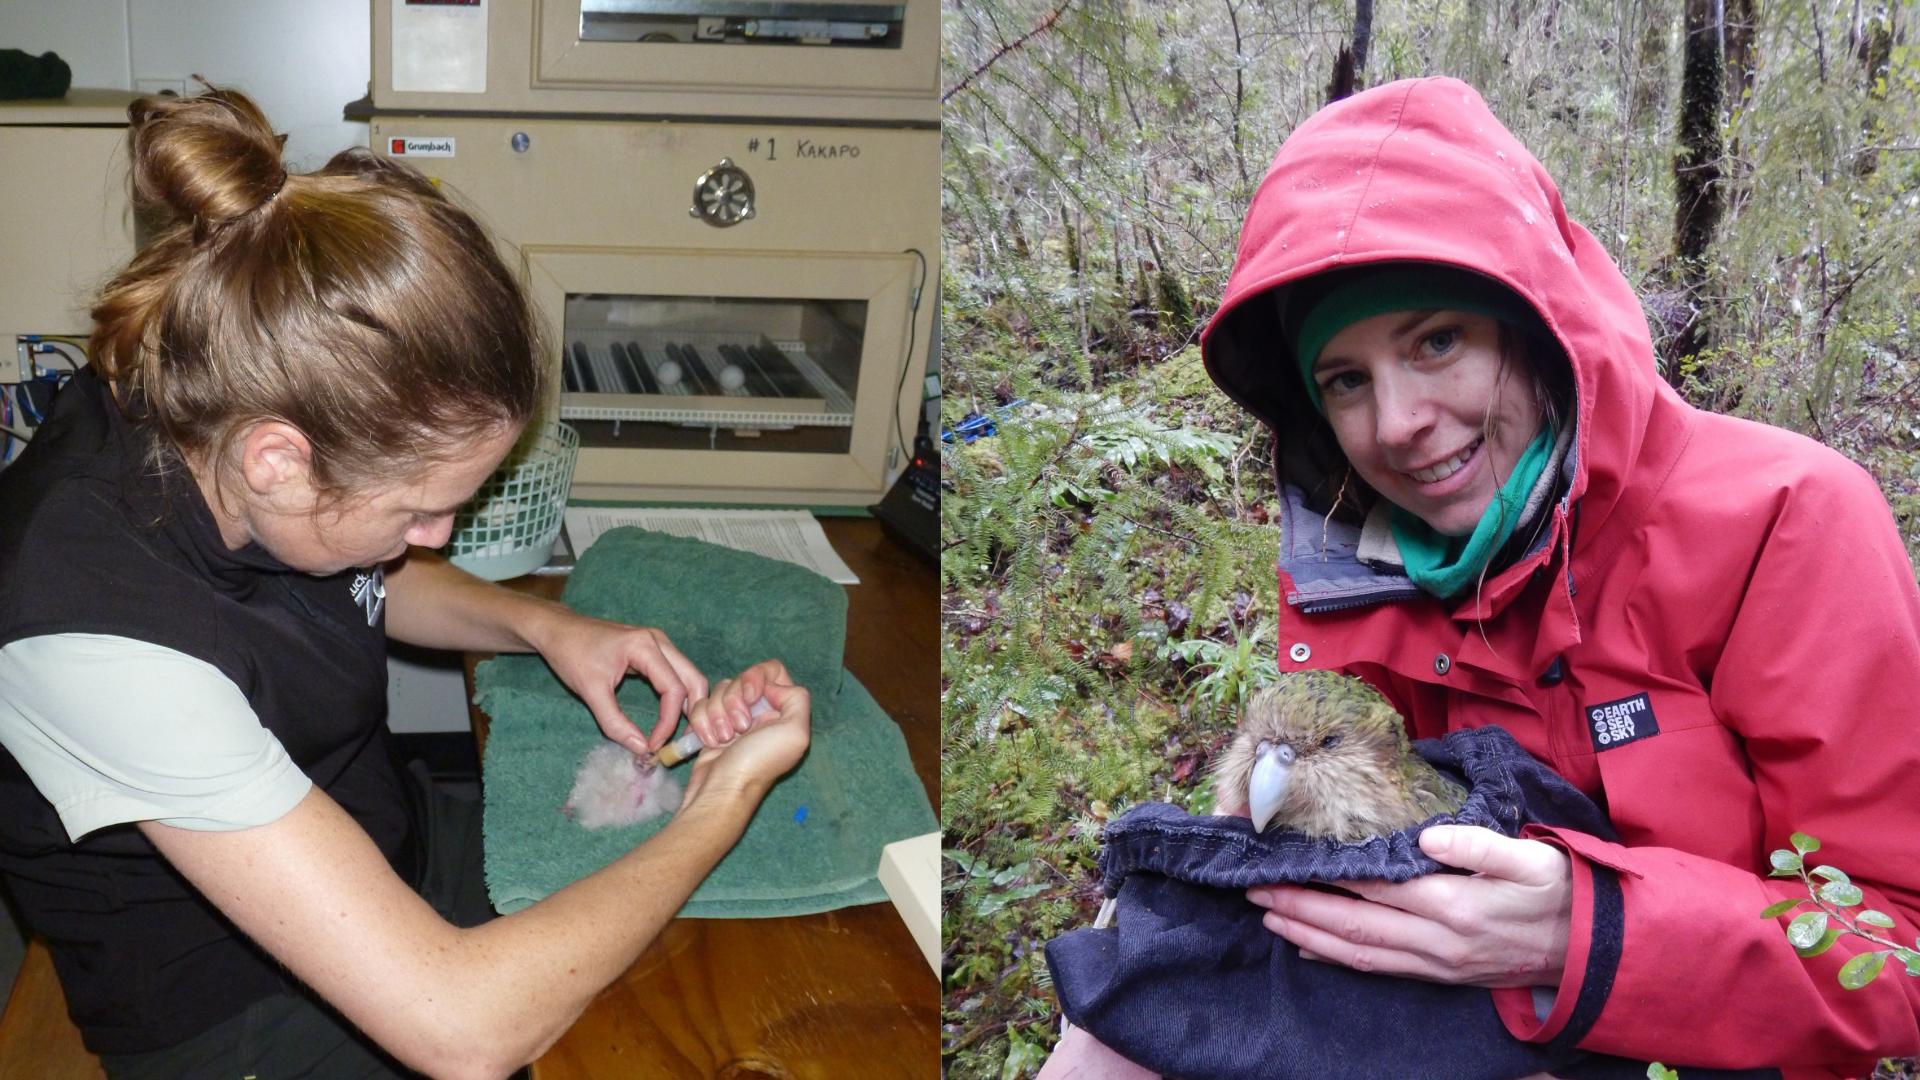 https://rfacdn.nz/zoo/assets/media/handreadring-kakapo-chicks.png